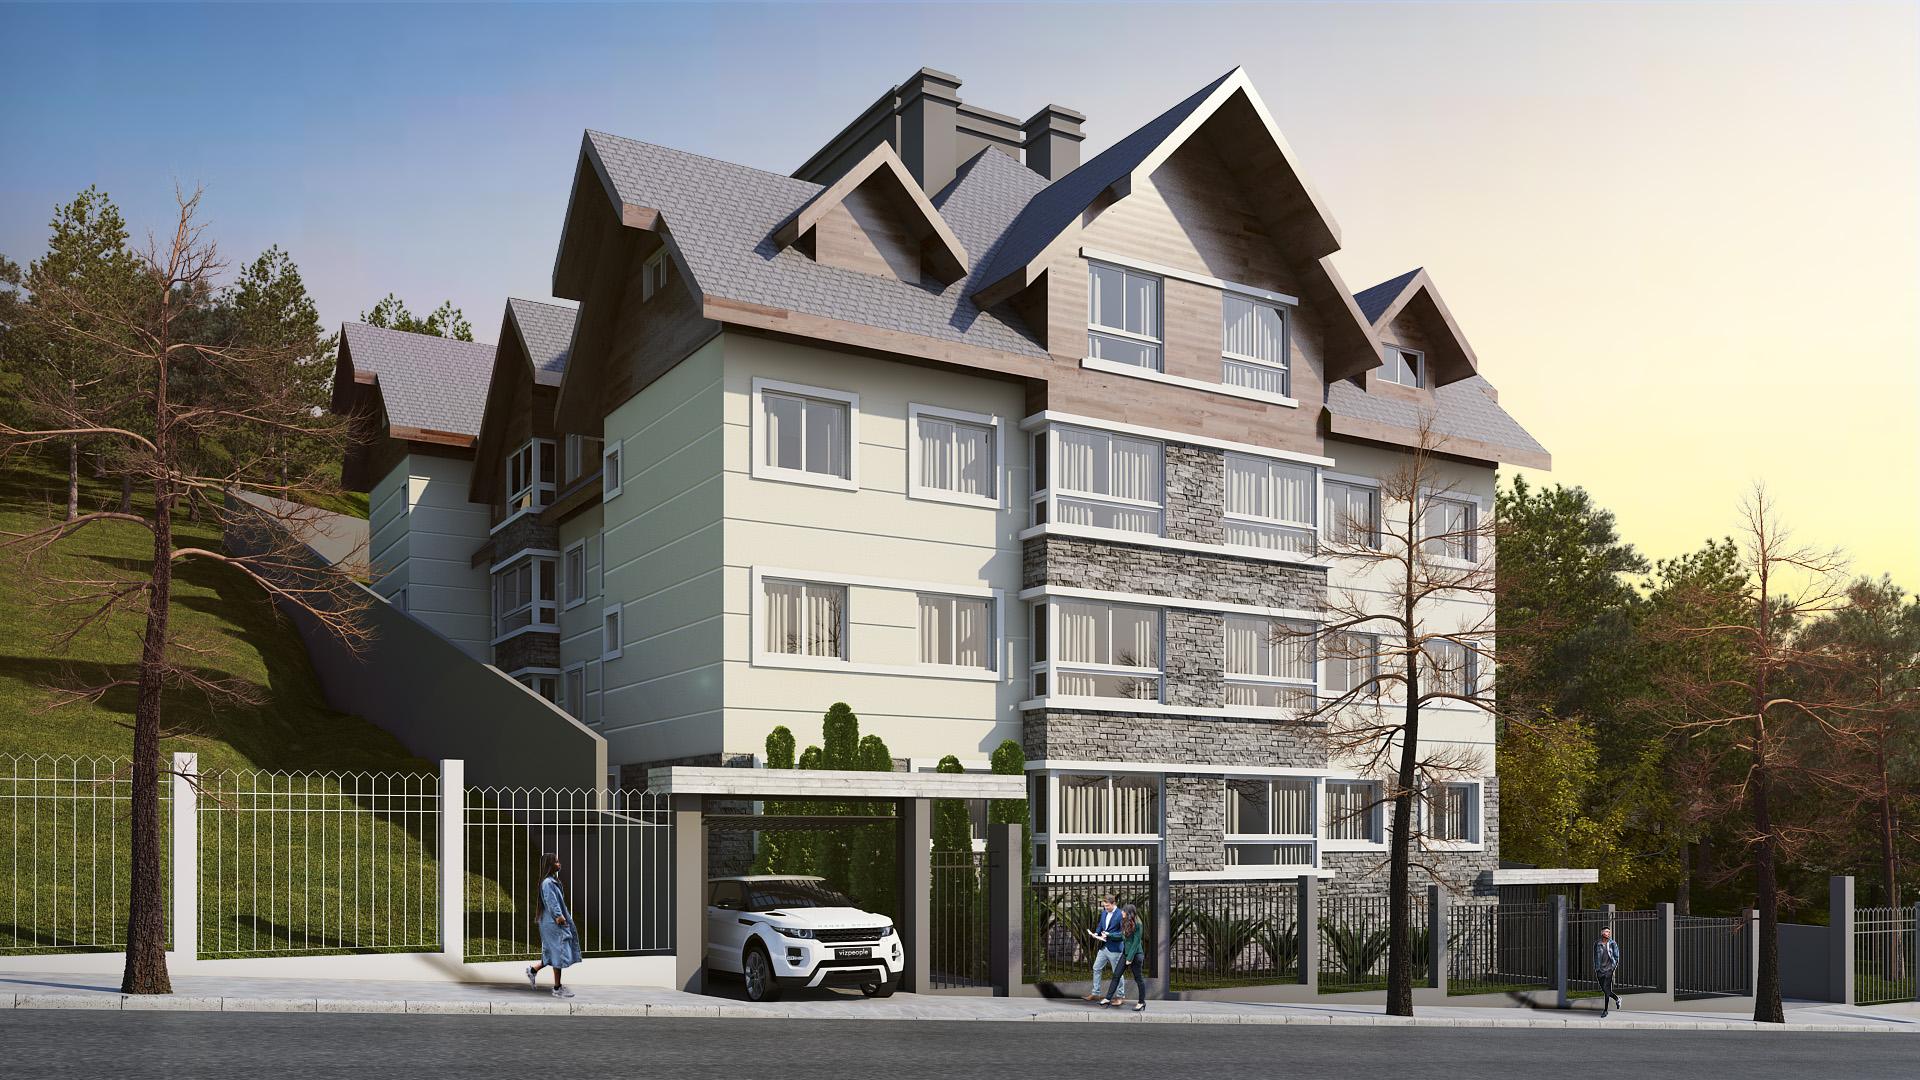 Descubra o charme dos apartamentos com fachadas coloniais